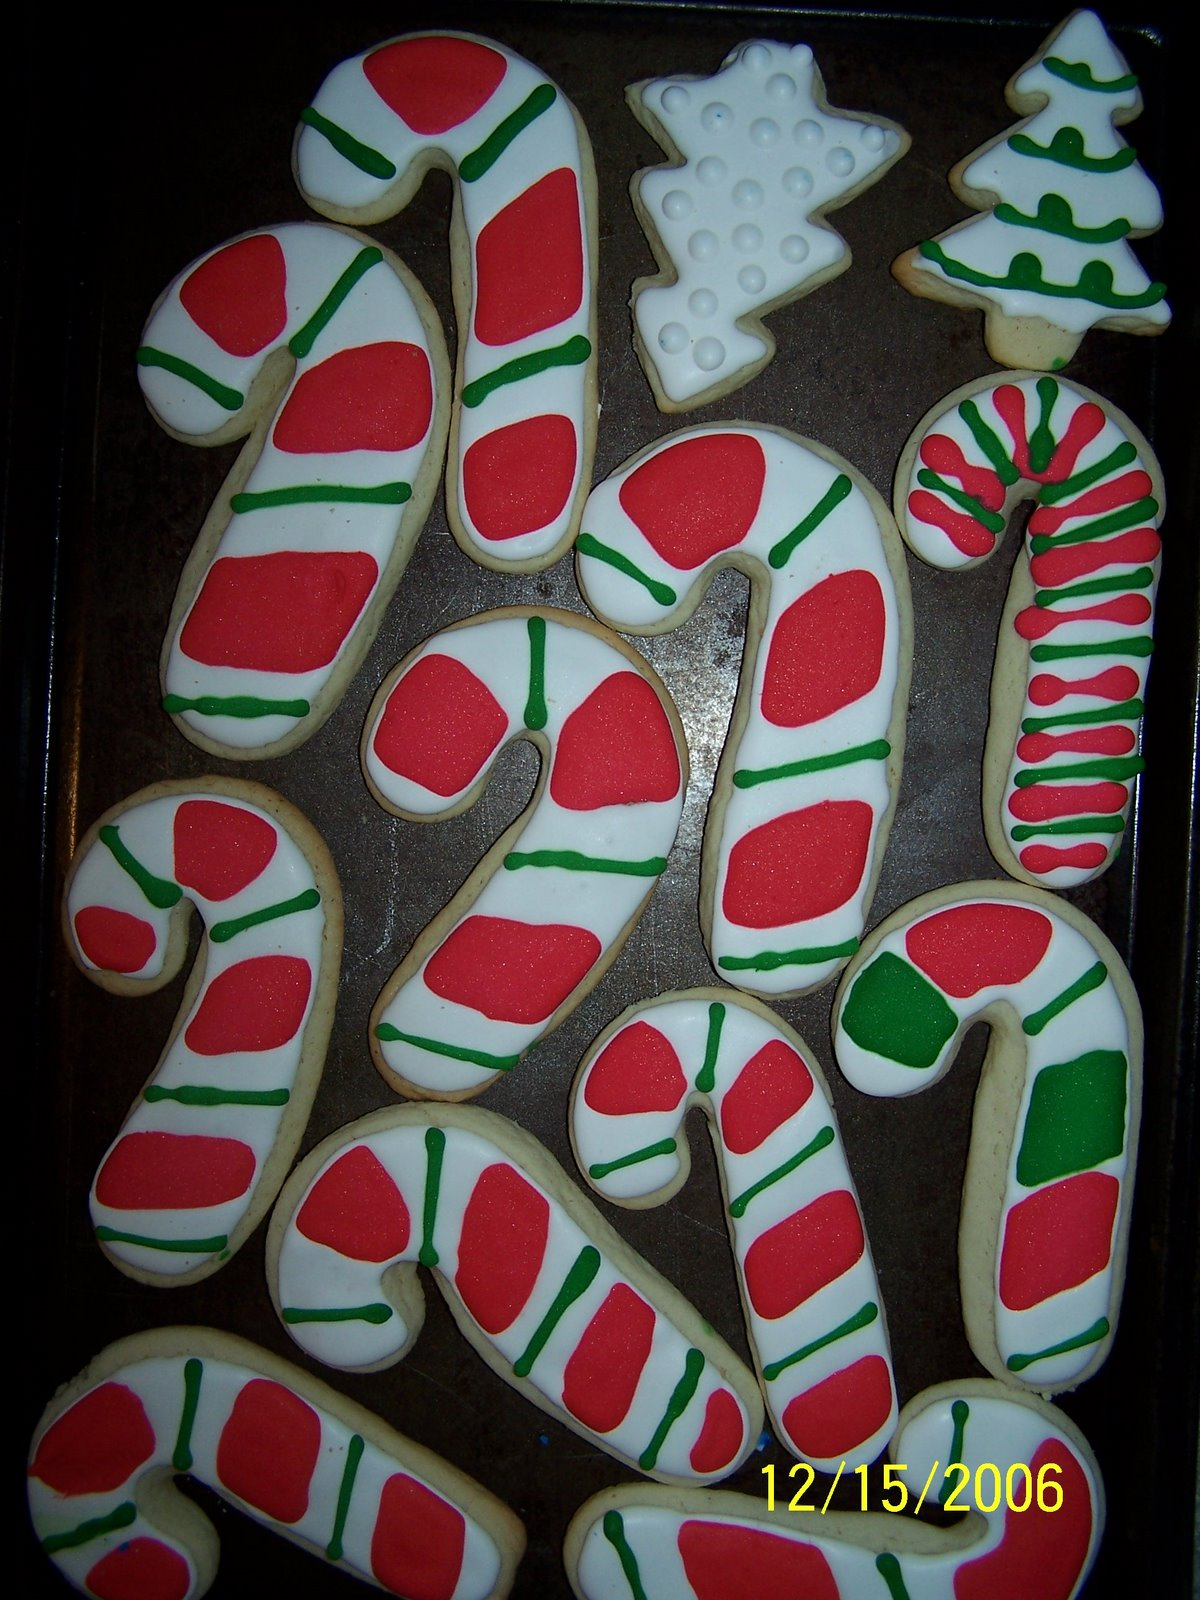 [xmas+cookies+2.jpg]